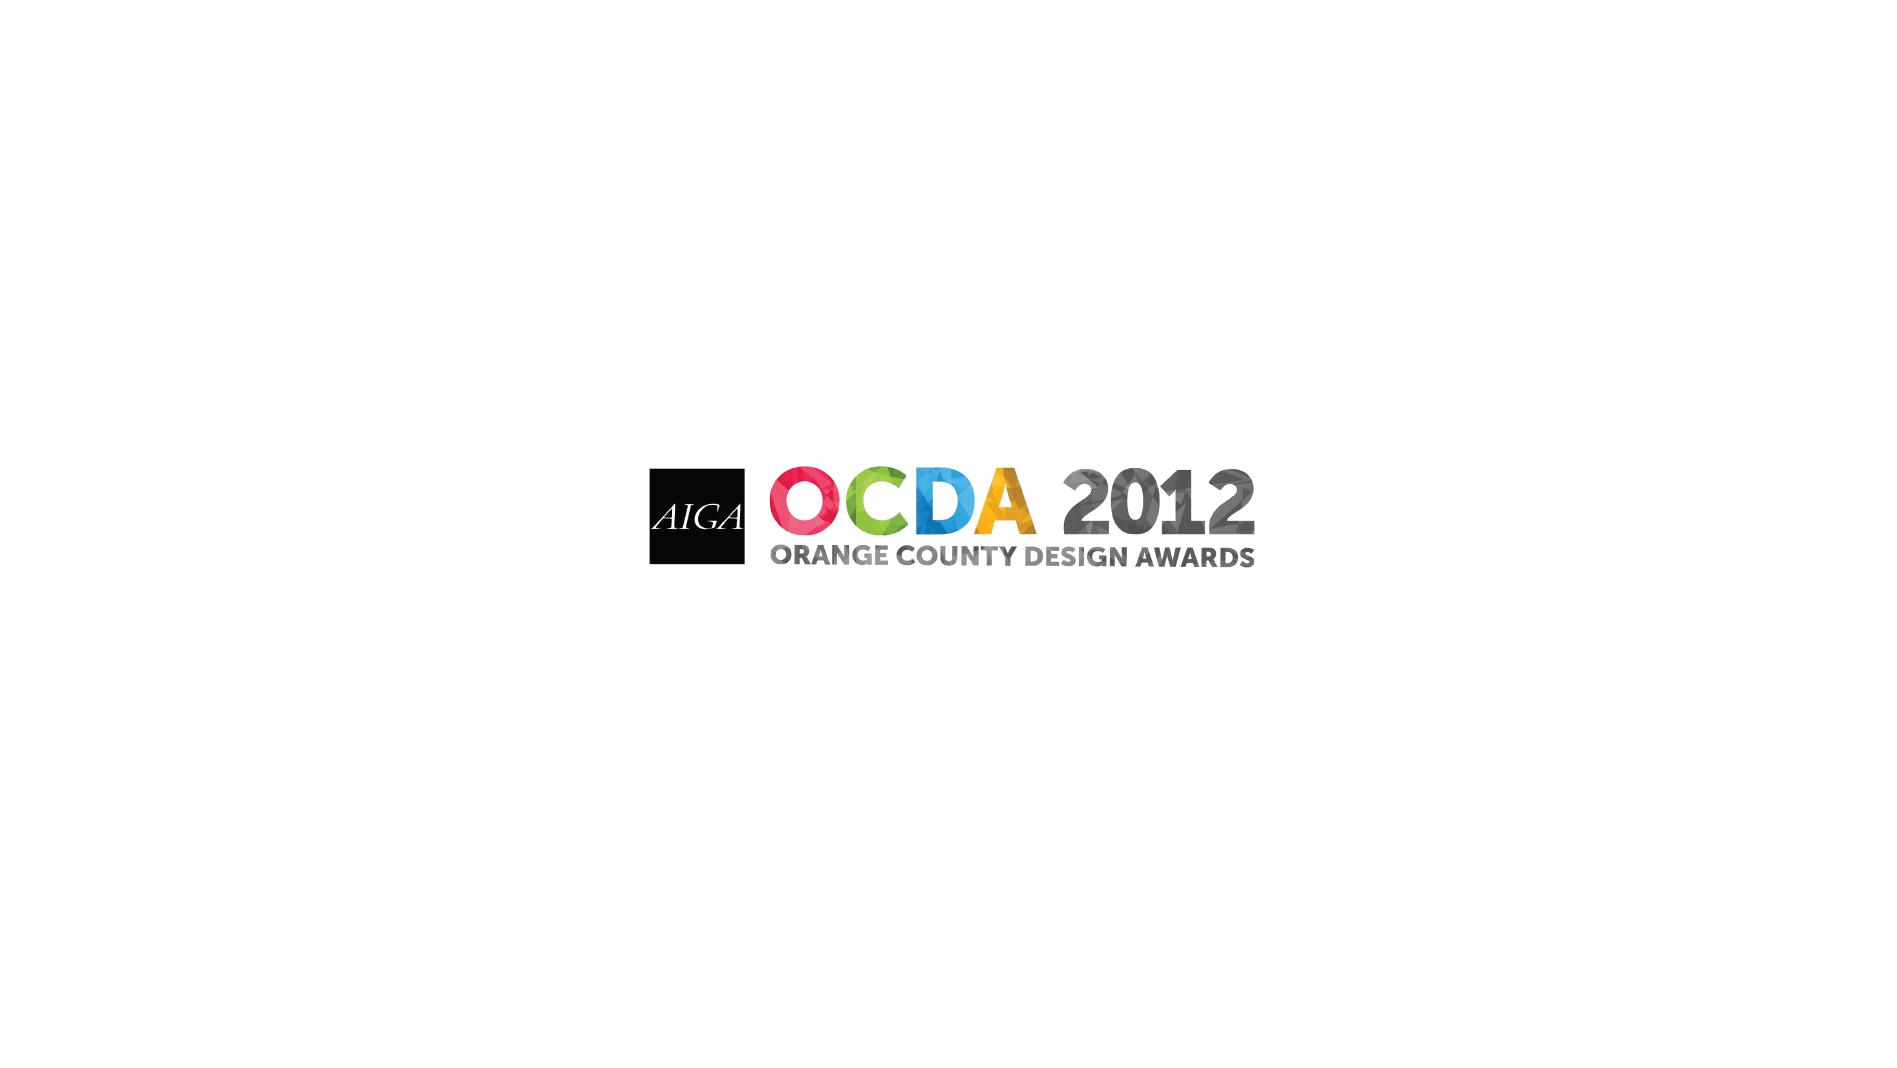 OCDA_LOGO.jpg